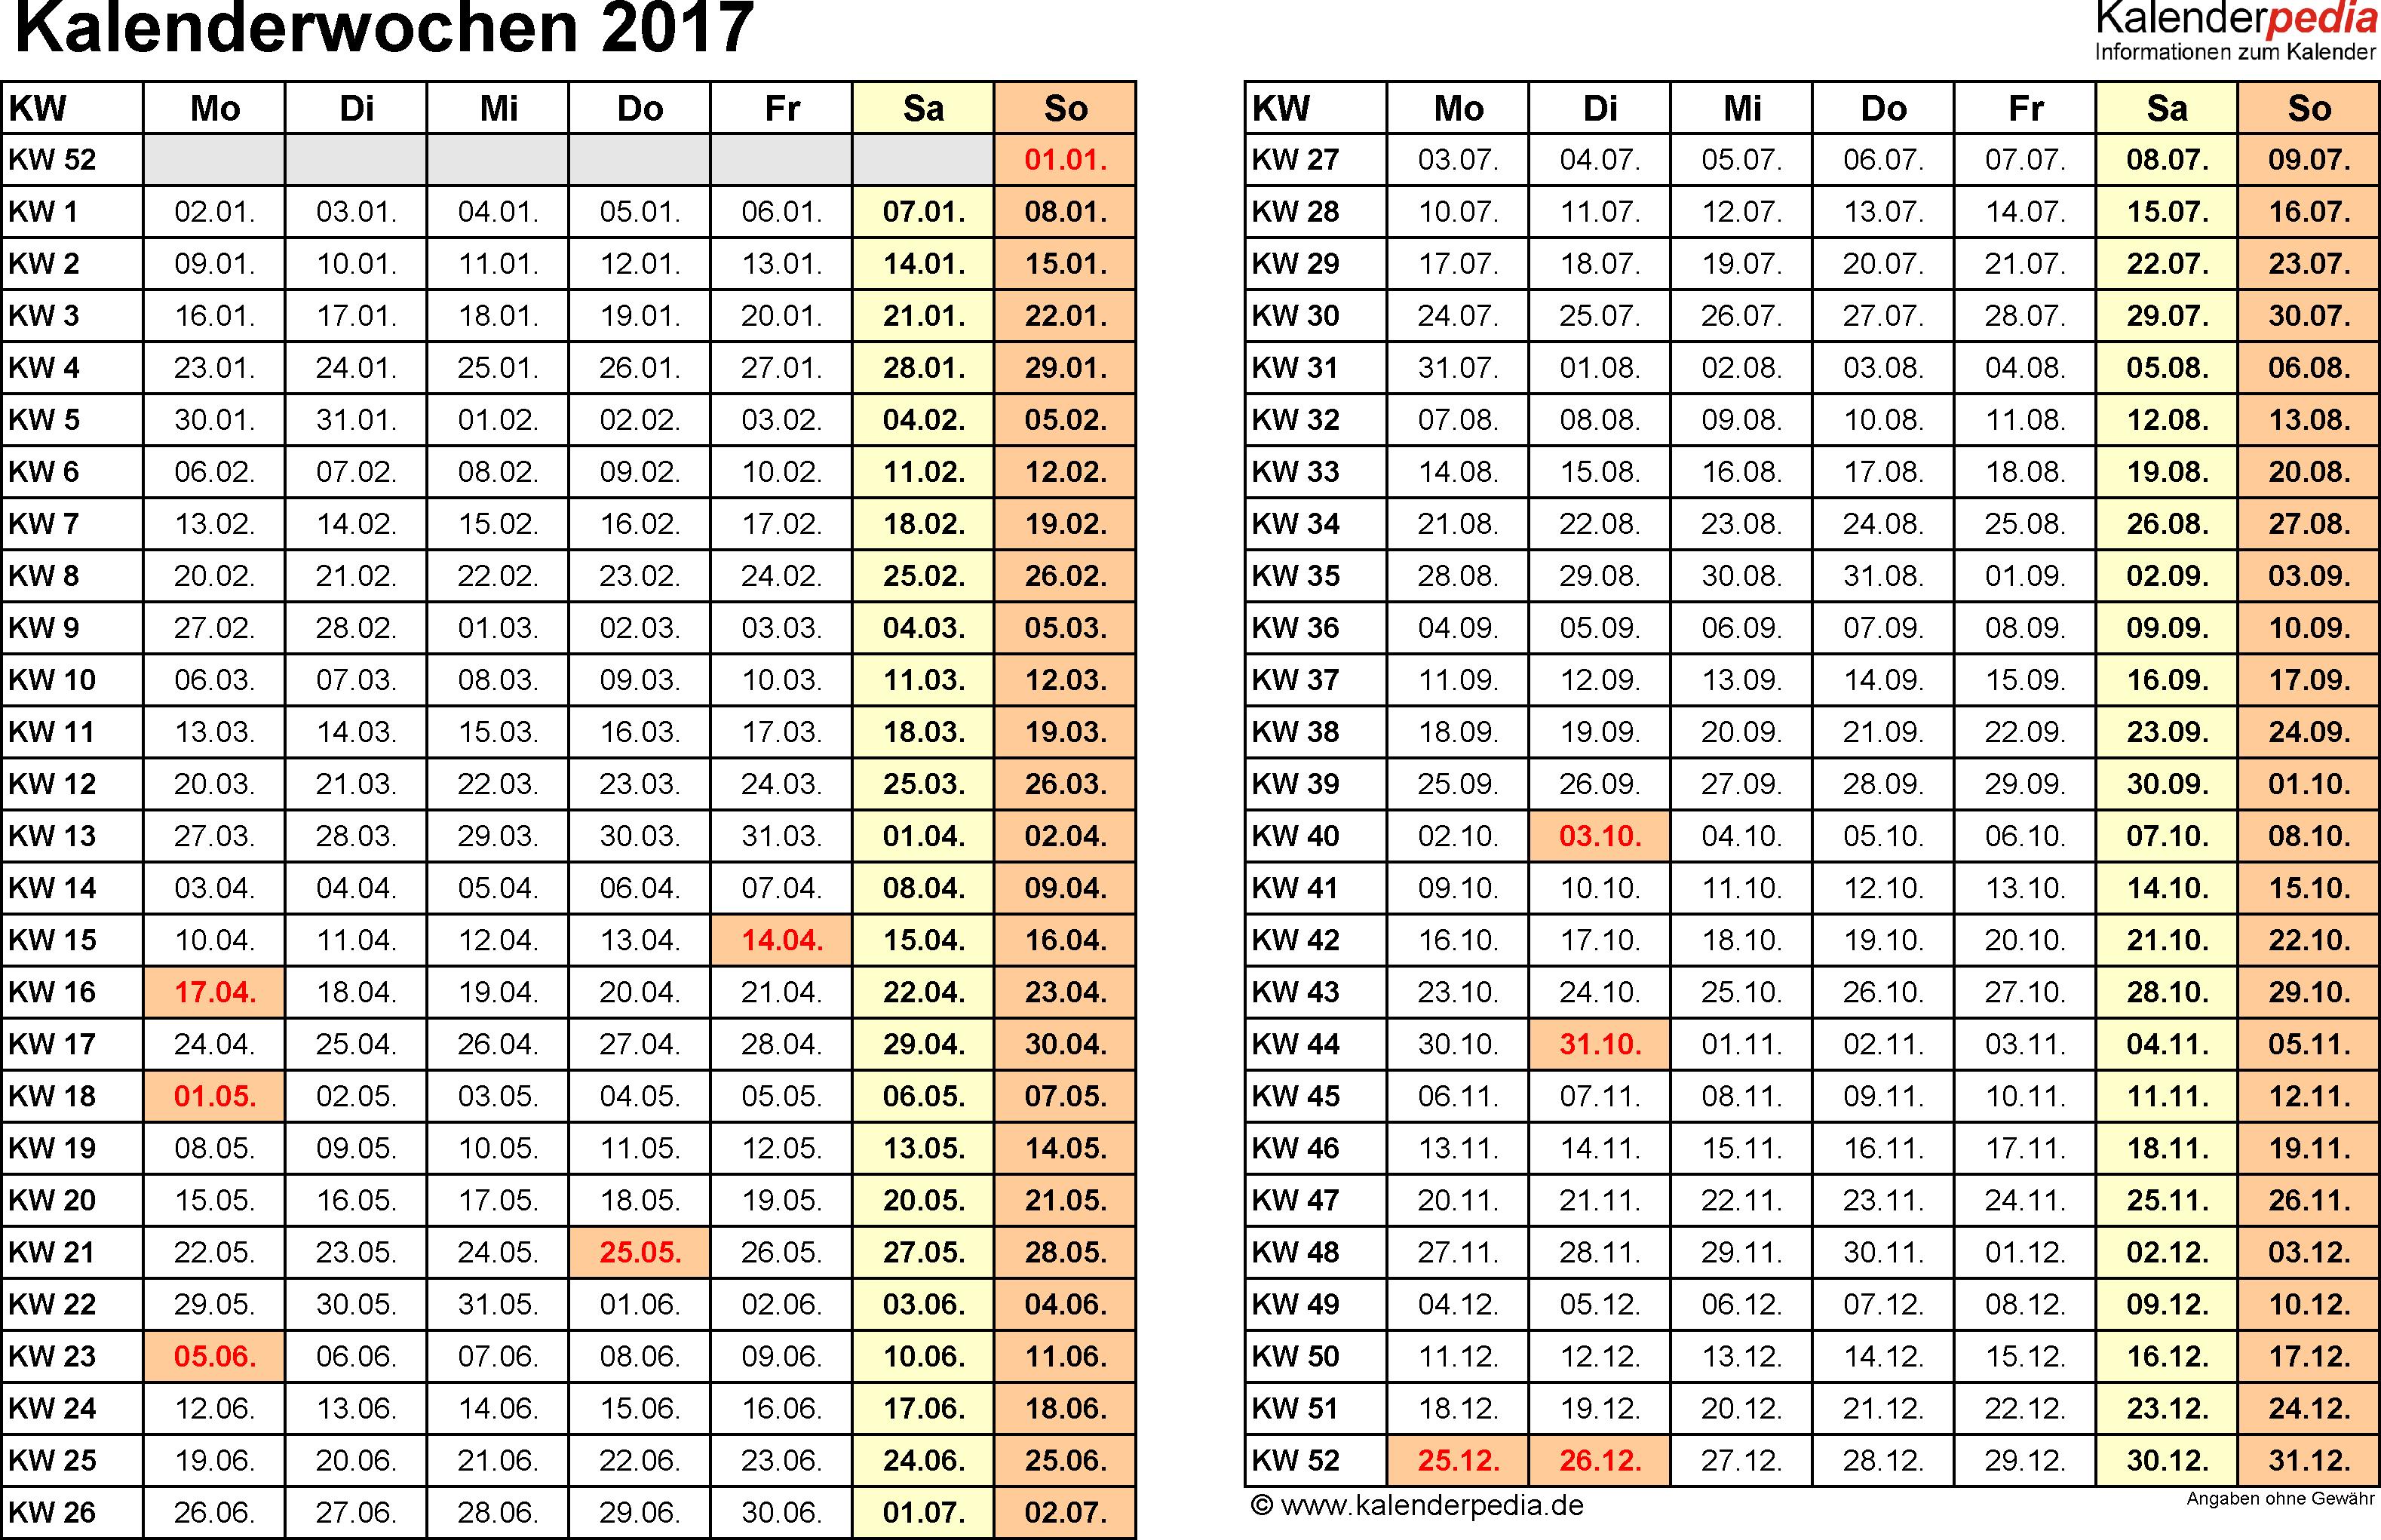 Vorlage 3: Kalenderwochen 2017 im Querformat als Excel-, Word- & PDF-Dateien